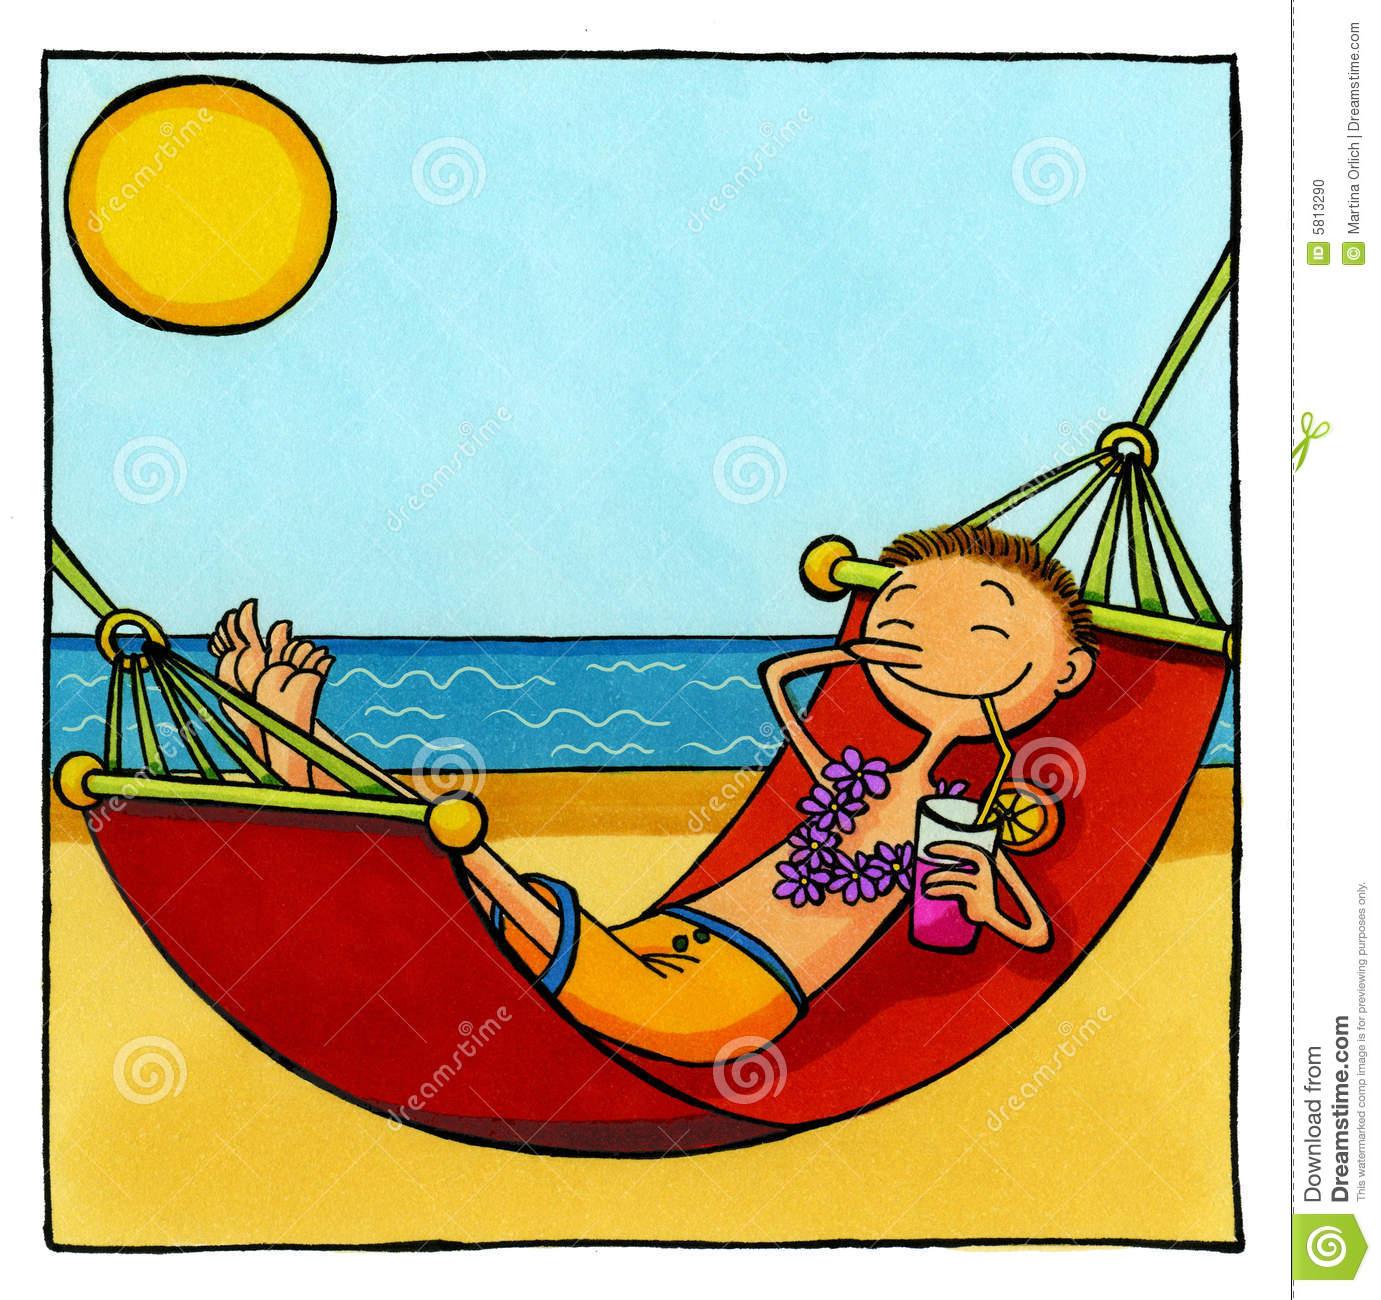 free clipart hammock cartoon - photo #39